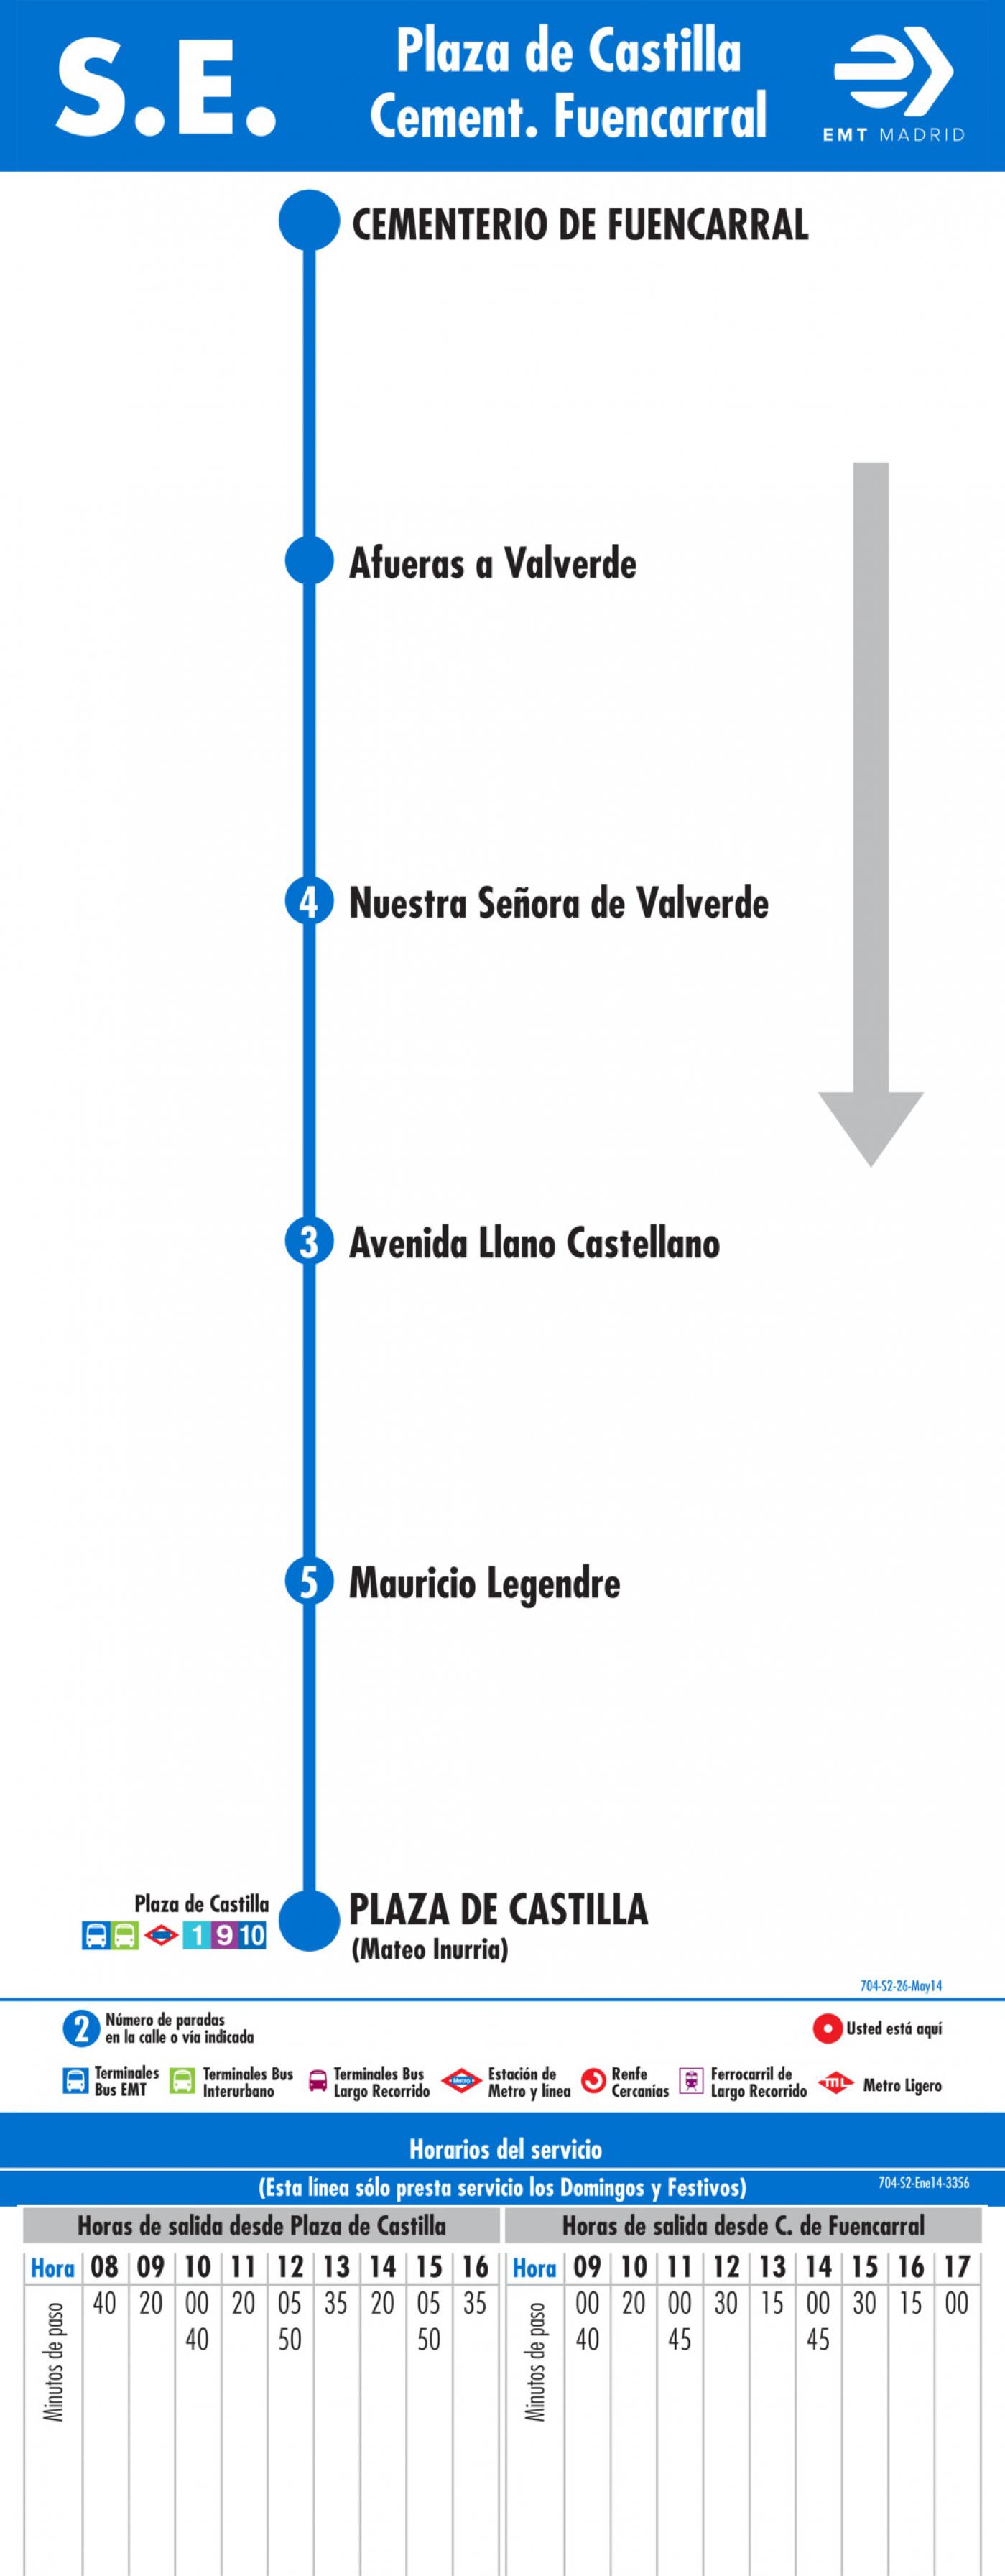 Tabla de horarios y frecuencias de paso en sentido vuelta Línea SE 704: Plaza de Castilla - Cementerio de Fuencarral